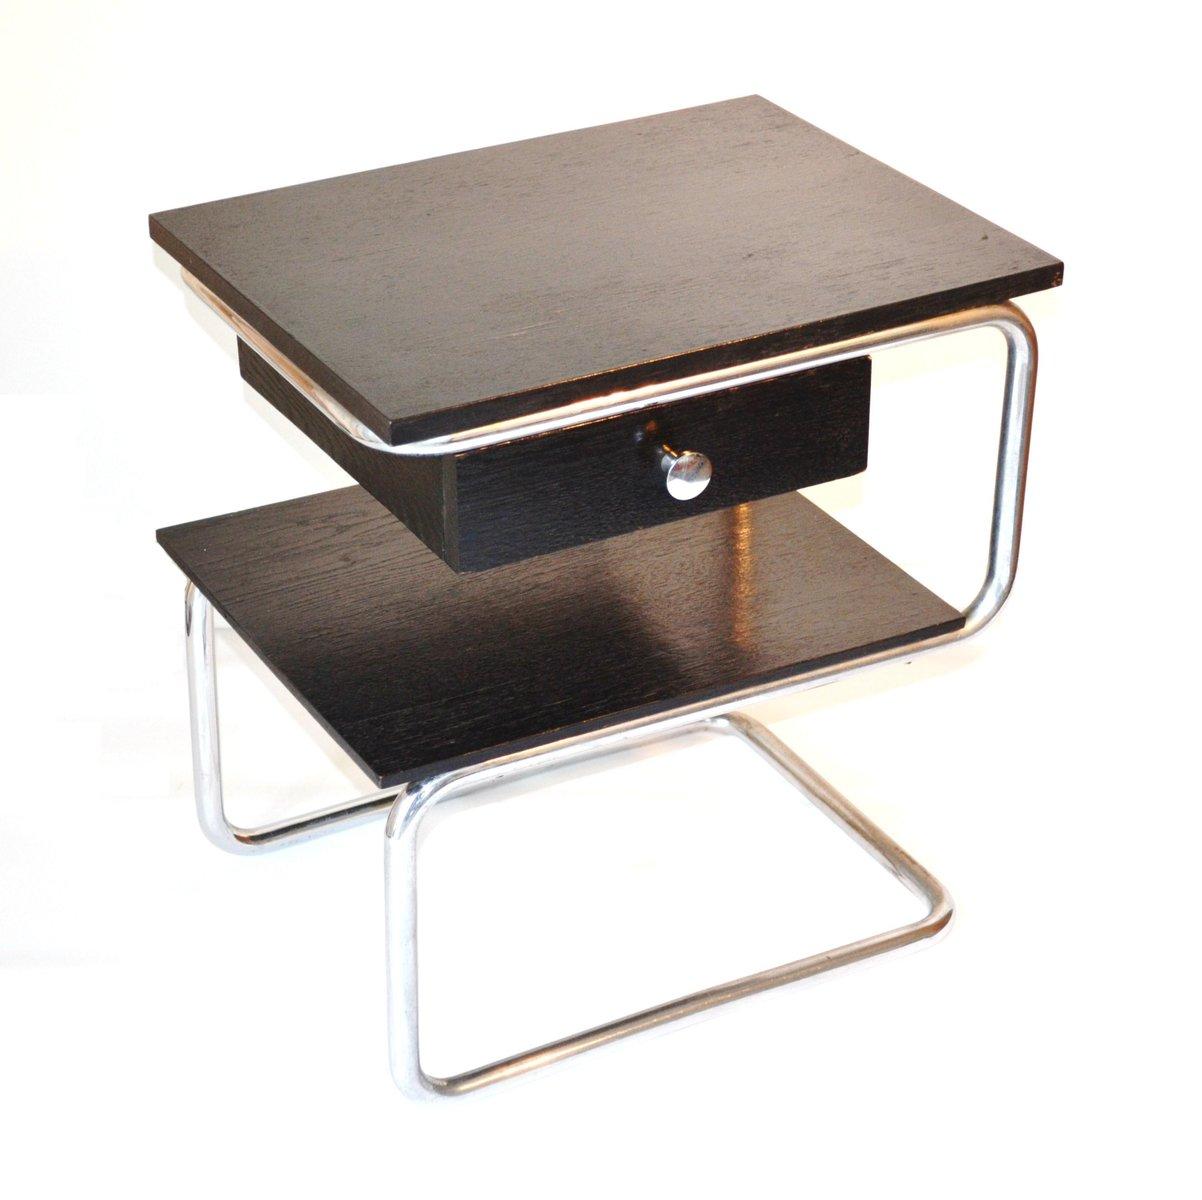 table de nuit style bauhaus par paul schuitema pour d3. Black Bedroom Furniture Sets. Home Design Ideas